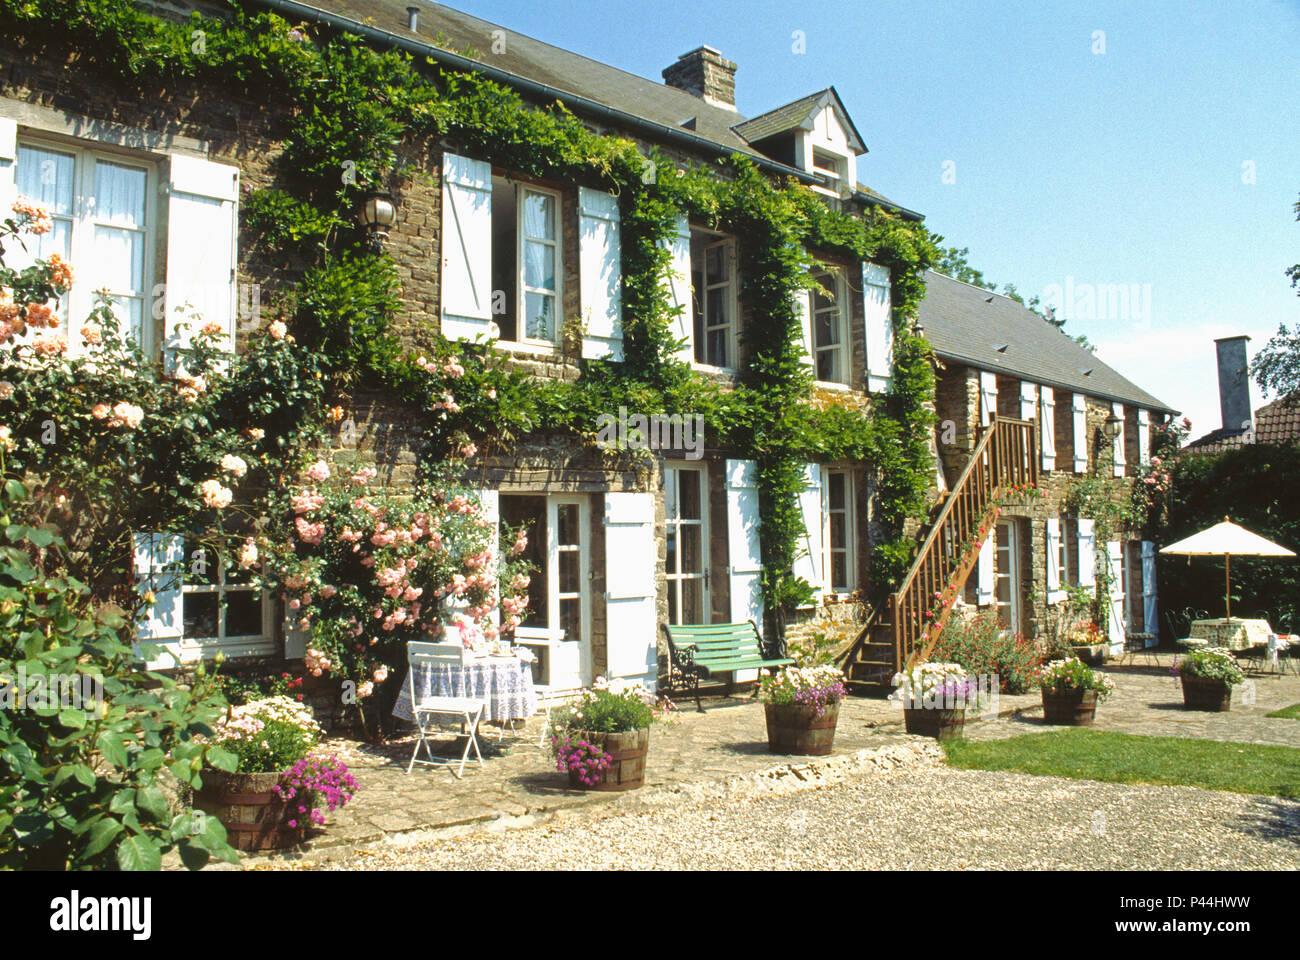 Case Di Campagna Francesi Rivista : Foto case di campagna francesi: dalla francia alla grecia otto case